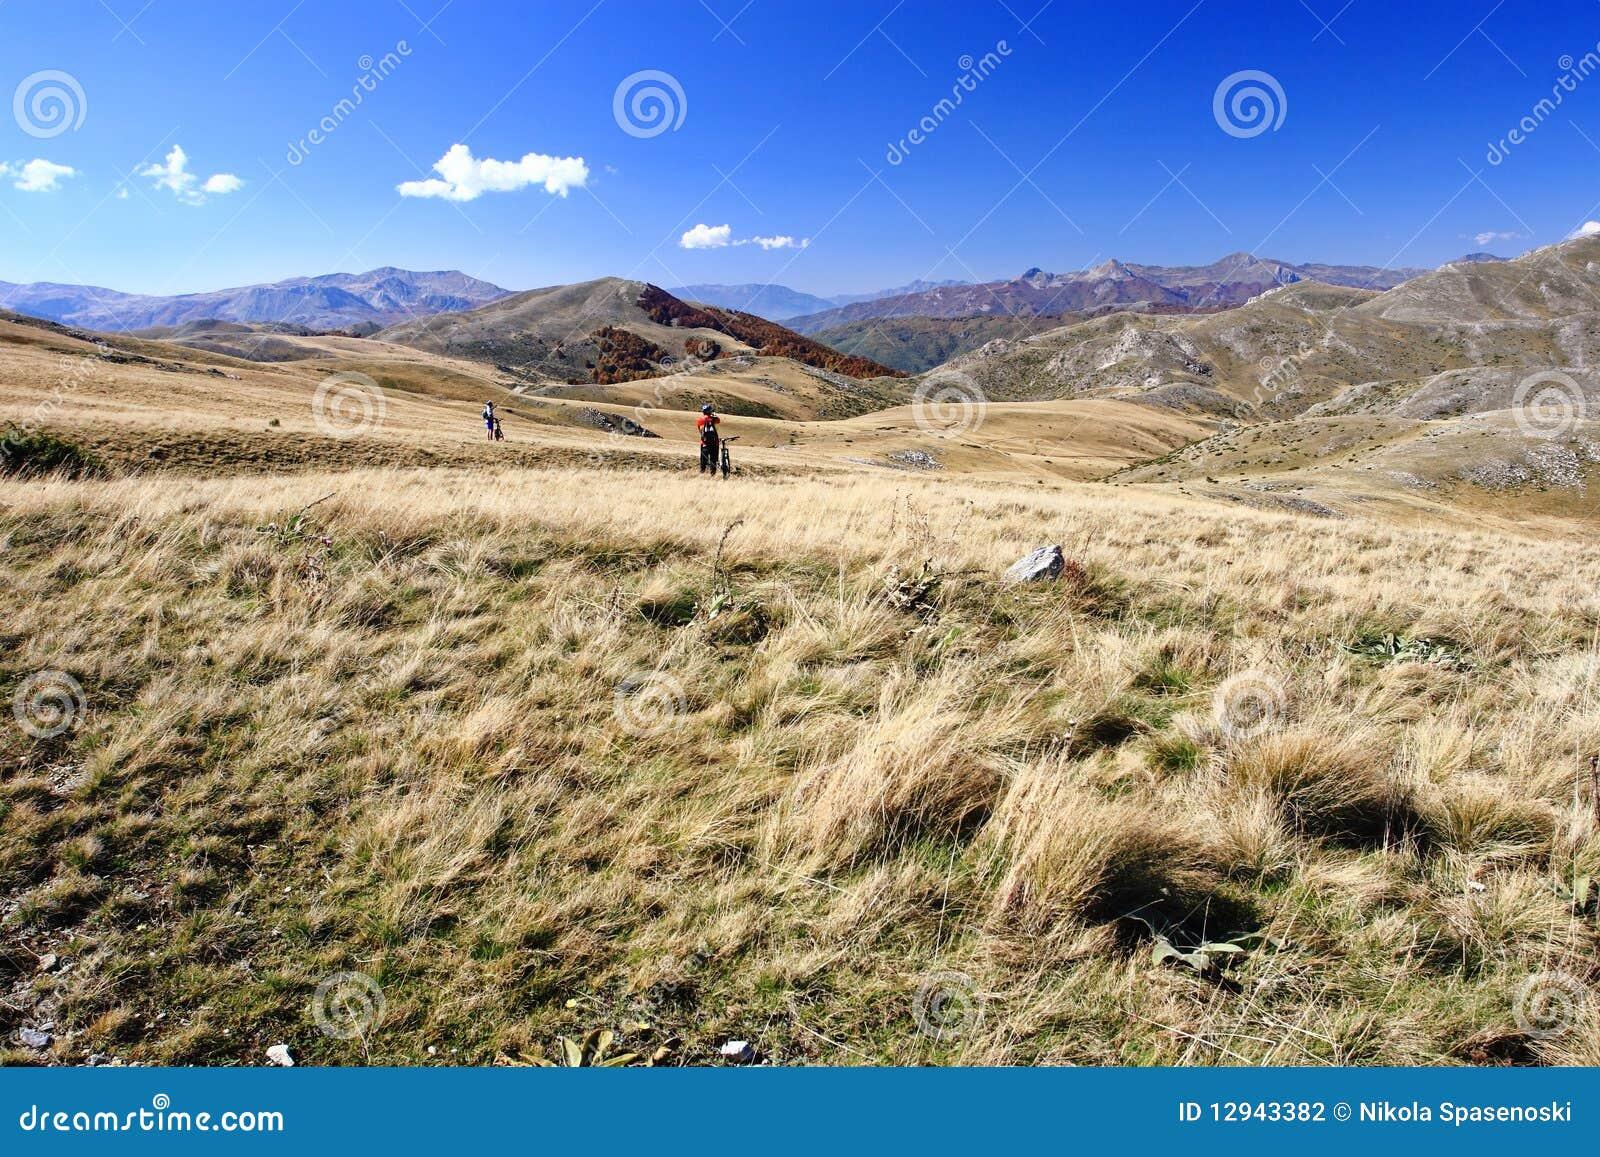 macedonian landscape - photo #35